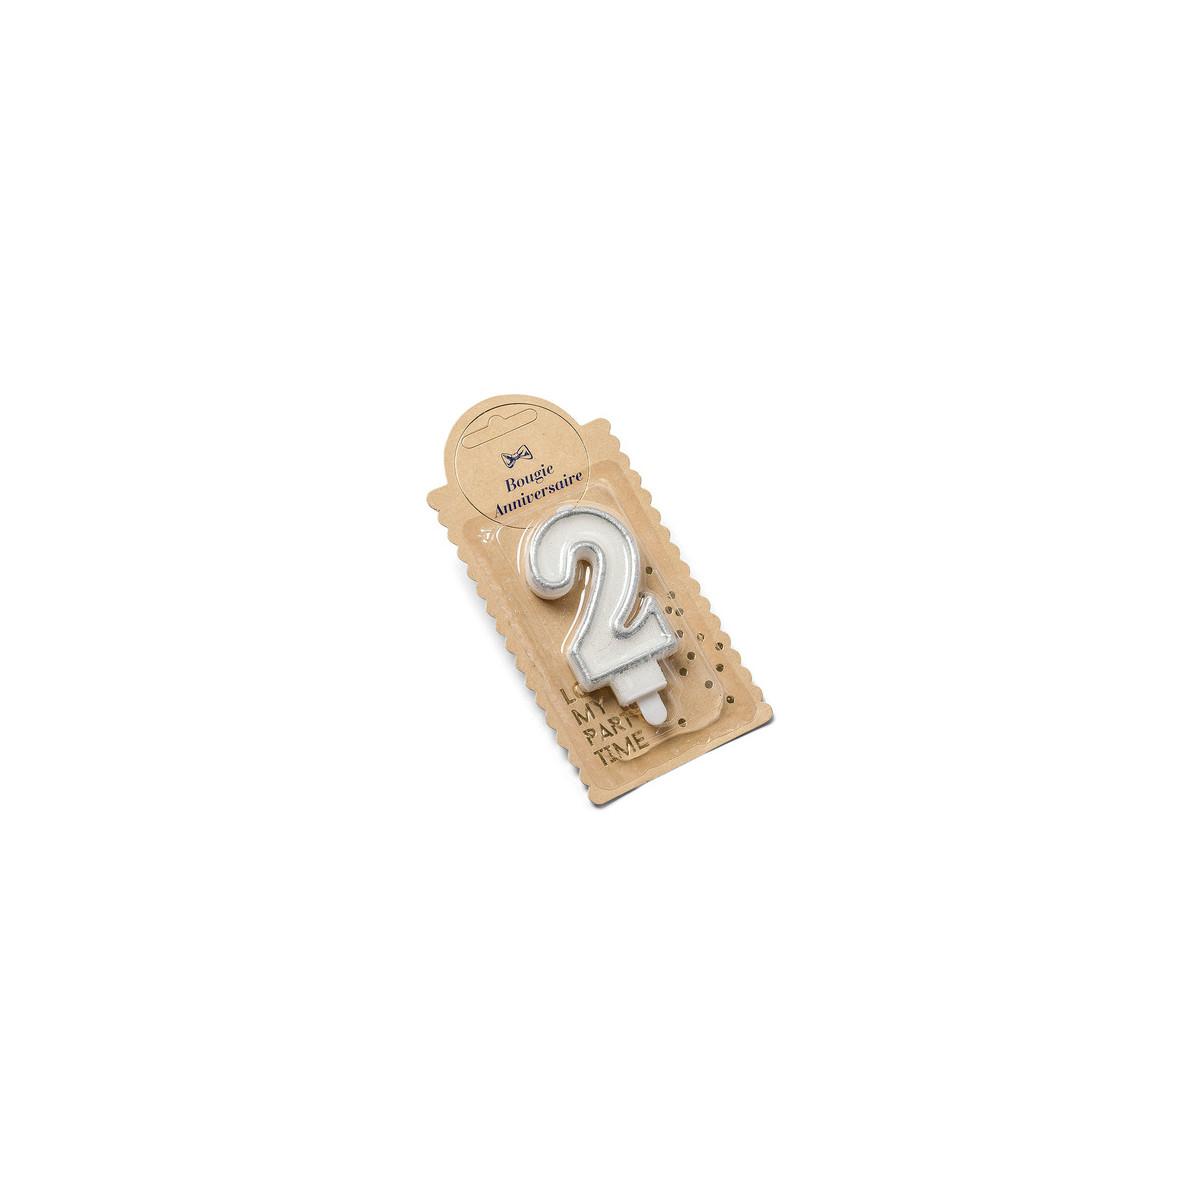 Bougie 2 ans paillette argent - 7.5 cm